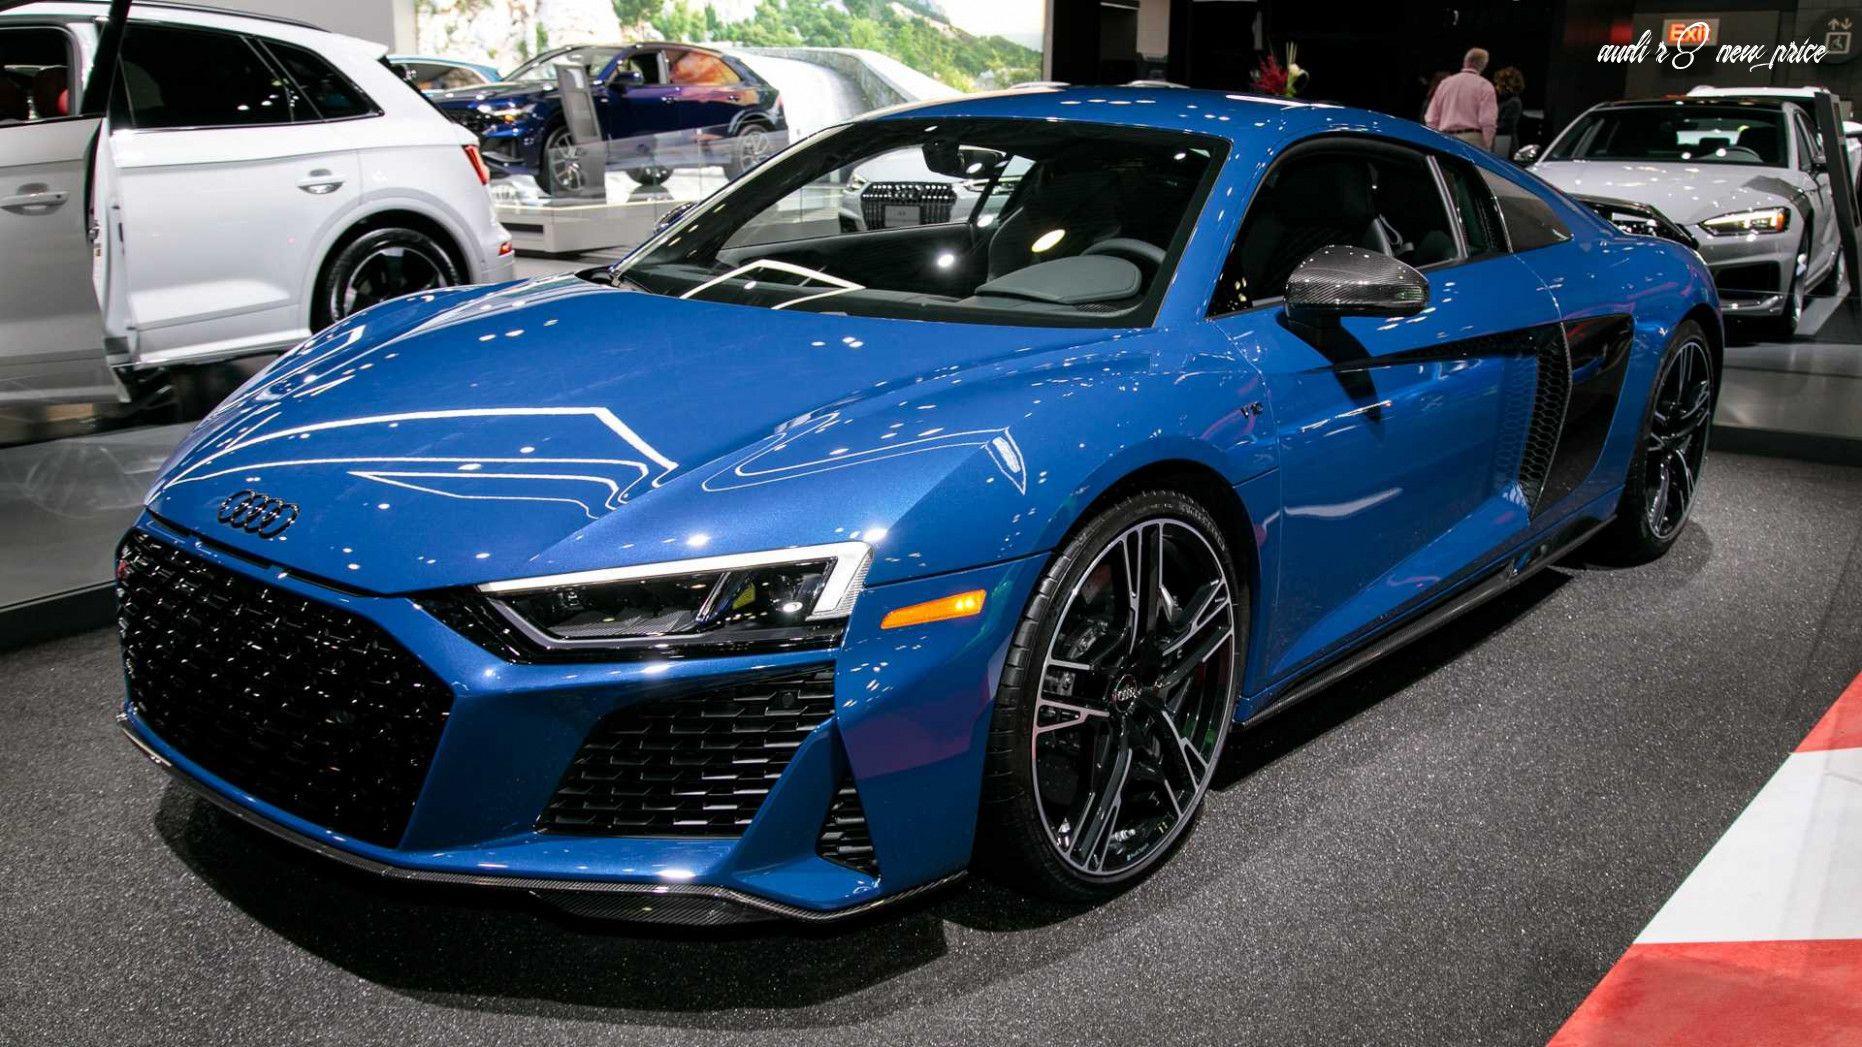 Audi R8 New Price In 2020 Audi R8 V10 Audi R8 Price Audi R8 For Sale